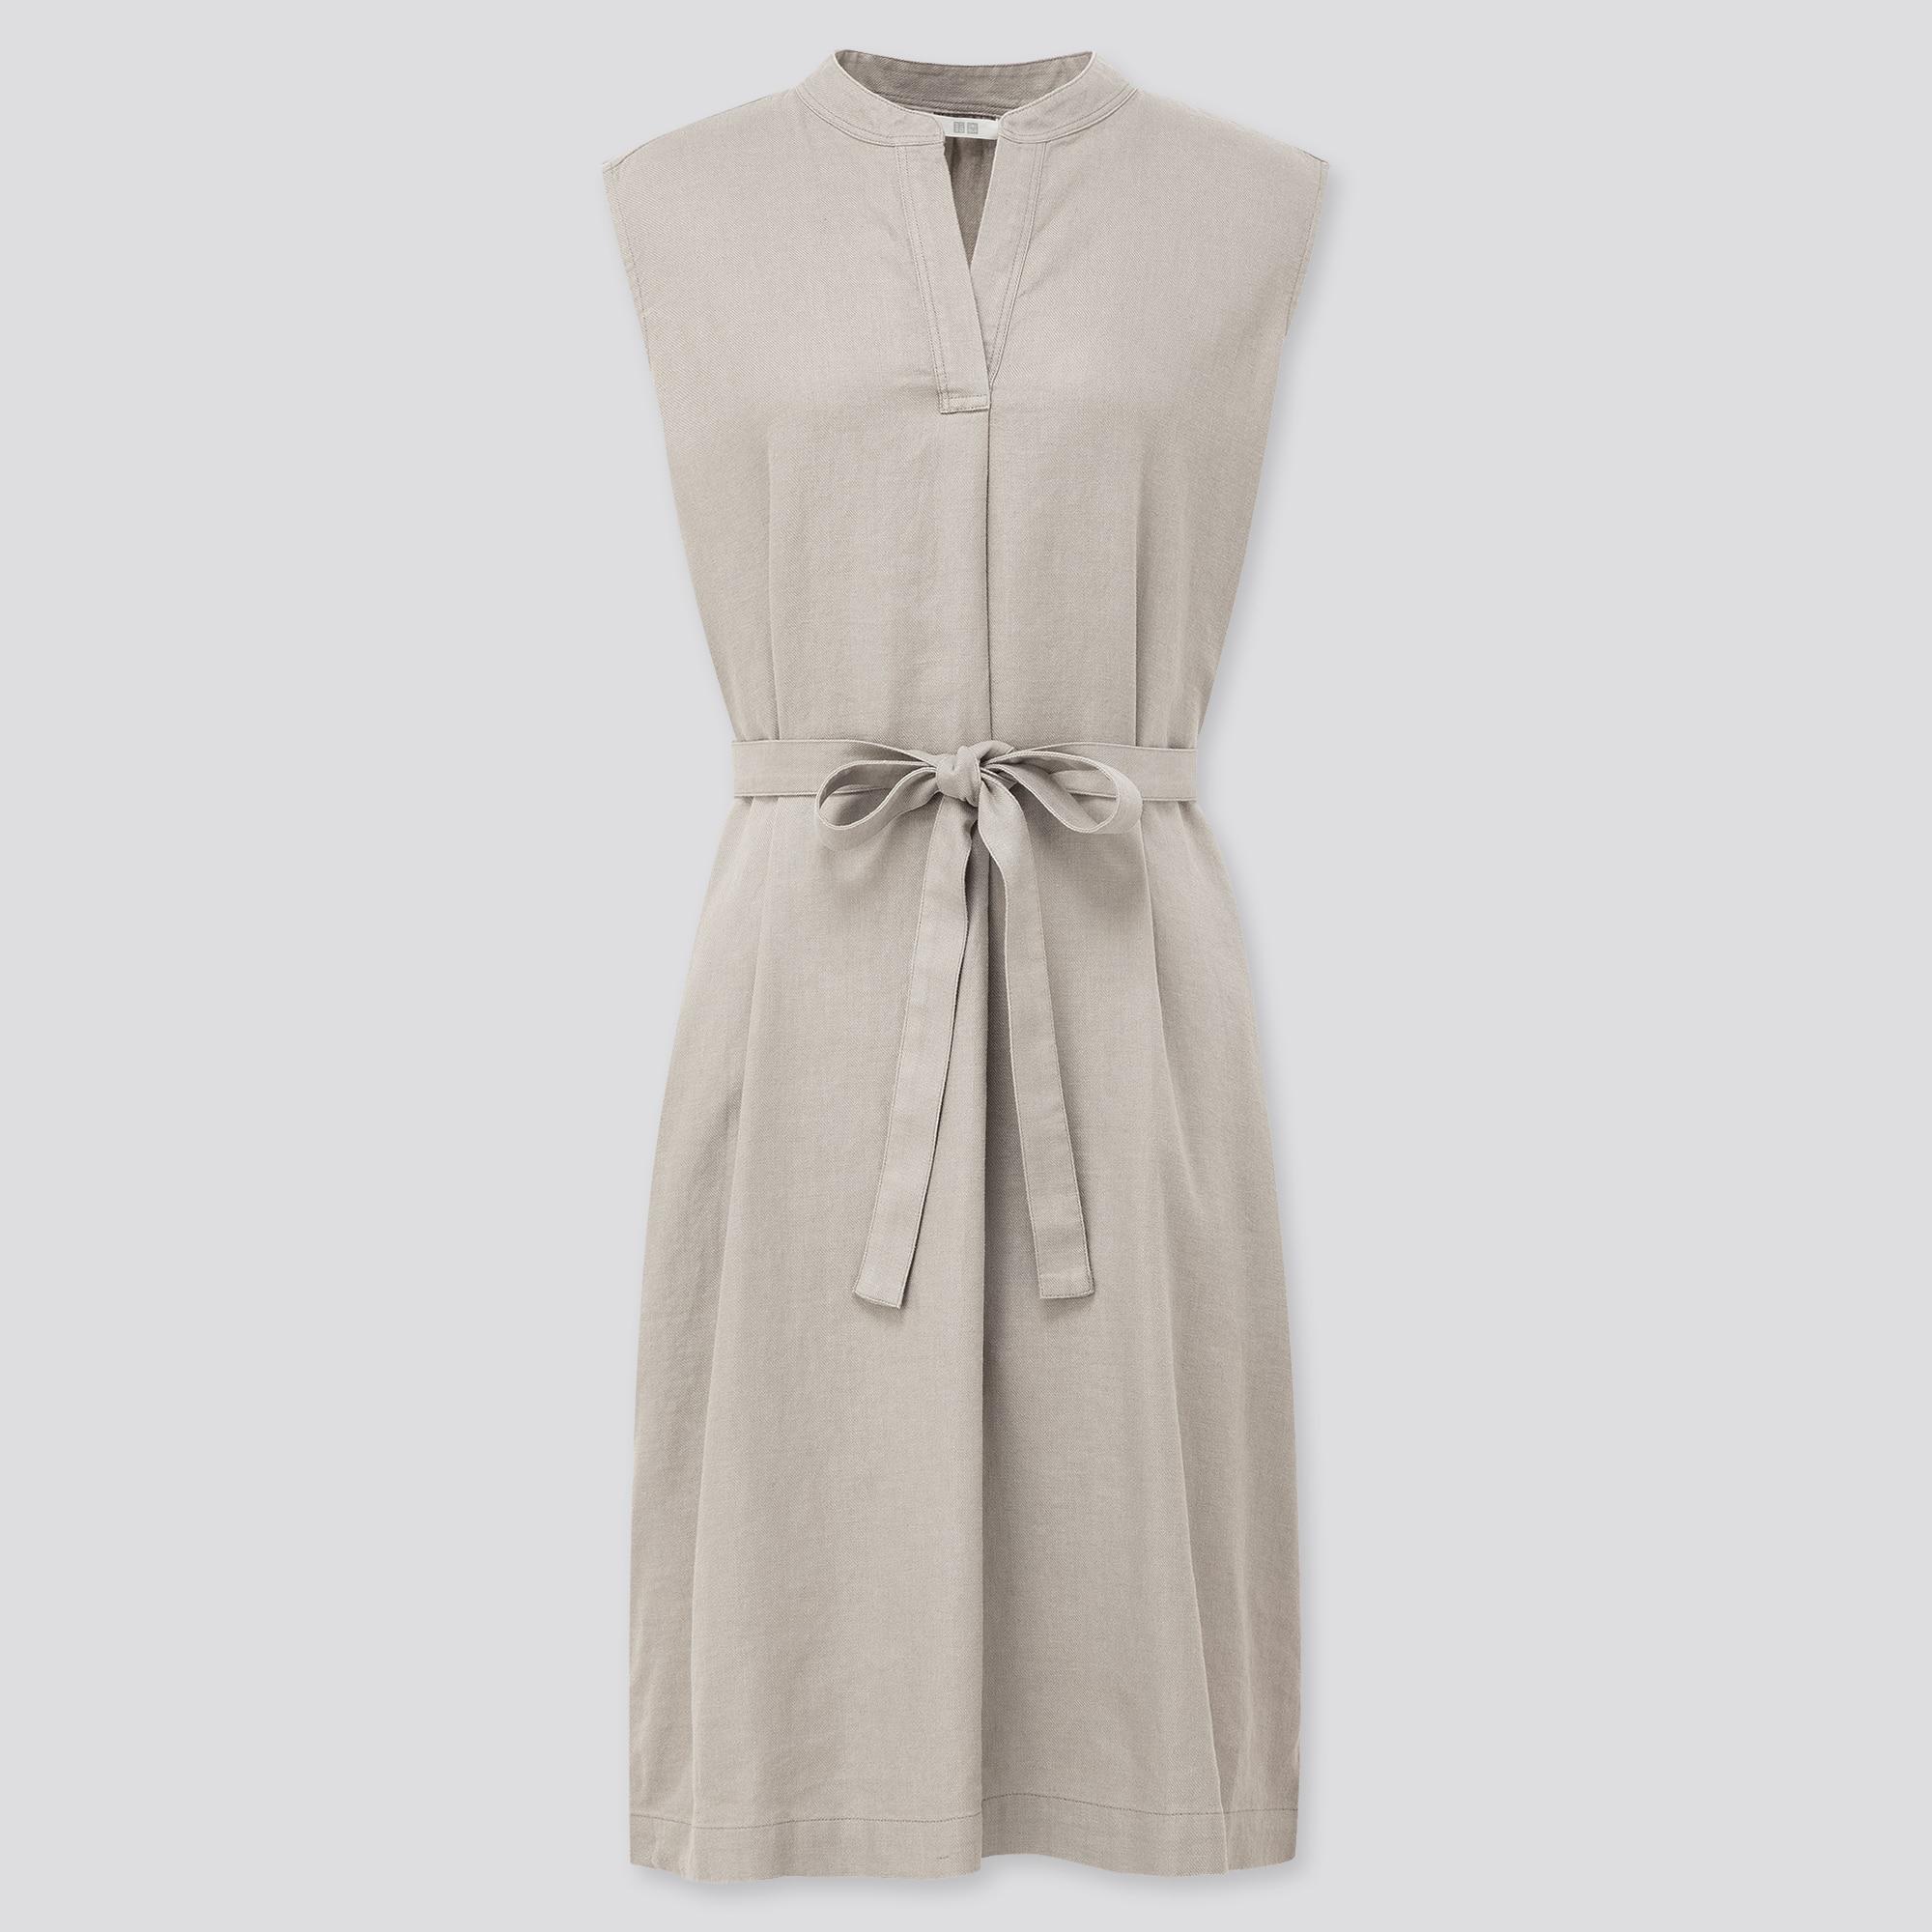 WOMEN LINEN BLENDED SPLIT NECK SLEEVELESS DRESS